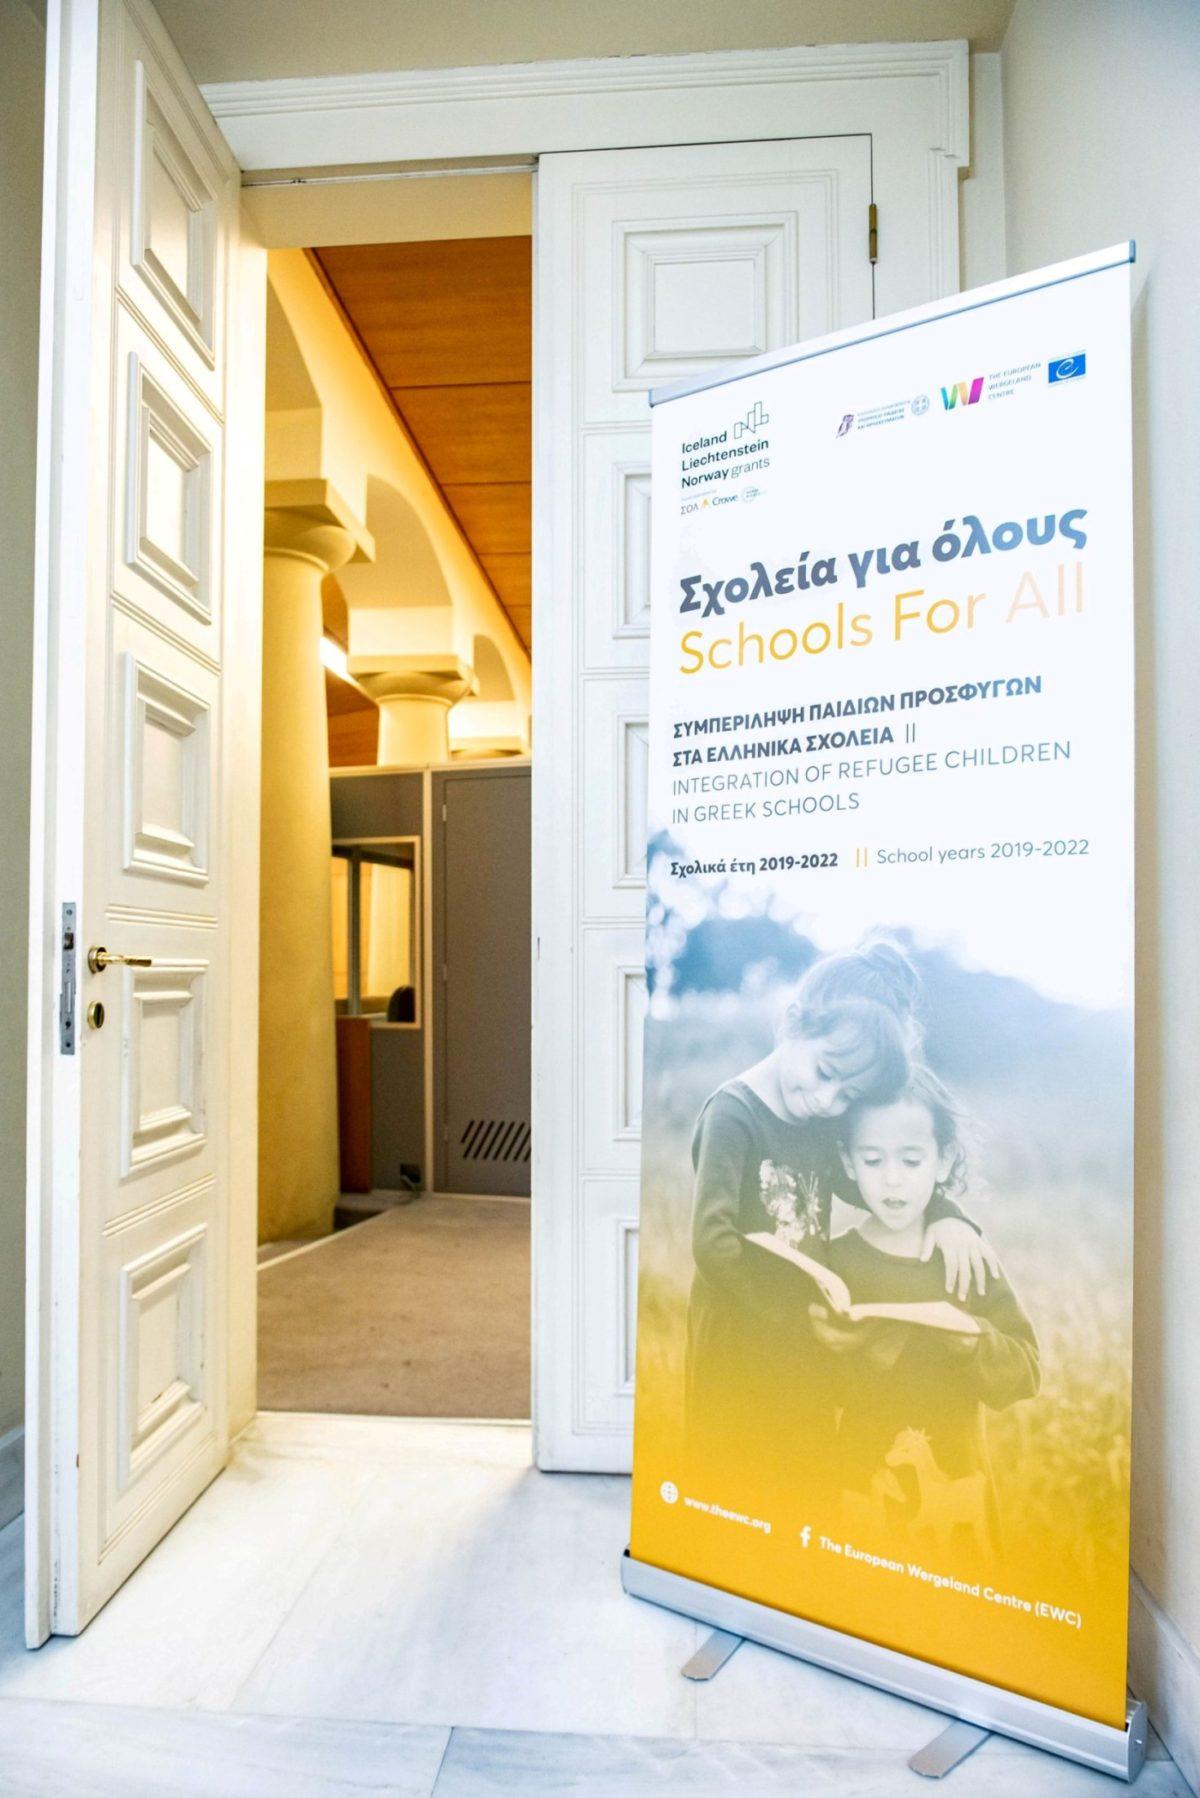 """""""Σχολεία για Όλους: Συμπερίληψη προσφυγόπουλων στα Ελληνικά Σχολεία"""" – Mια πρωτοβουλία που αξίζει να αγκαλιάσουμε"""